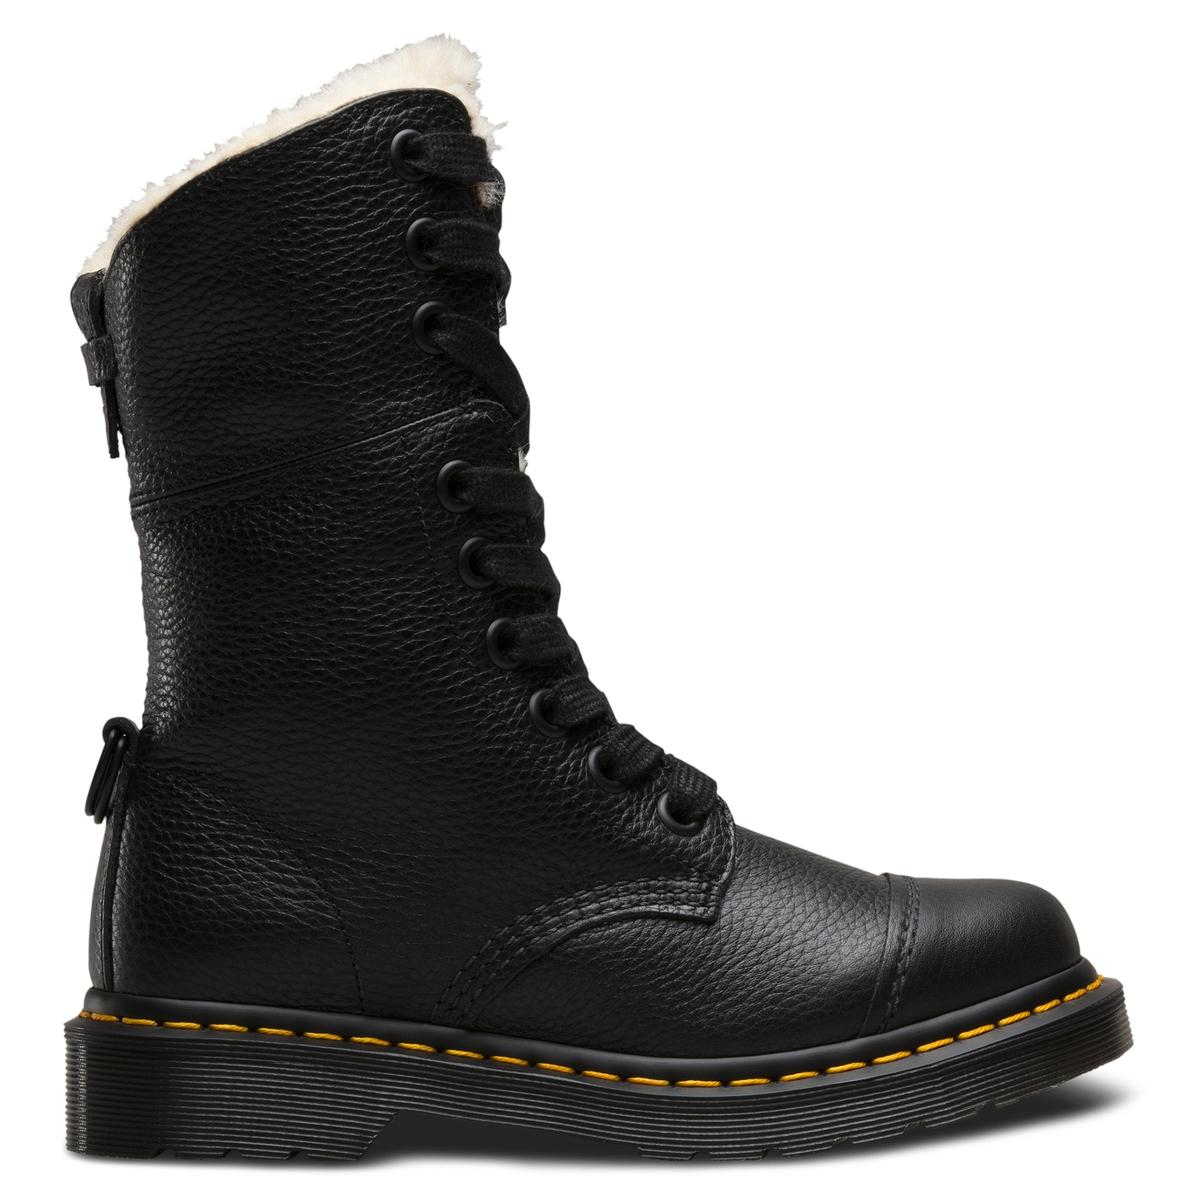 Ботильоны высокие кожаные на шнуровке, Aimilita ботильоны на шнуровке sangoan